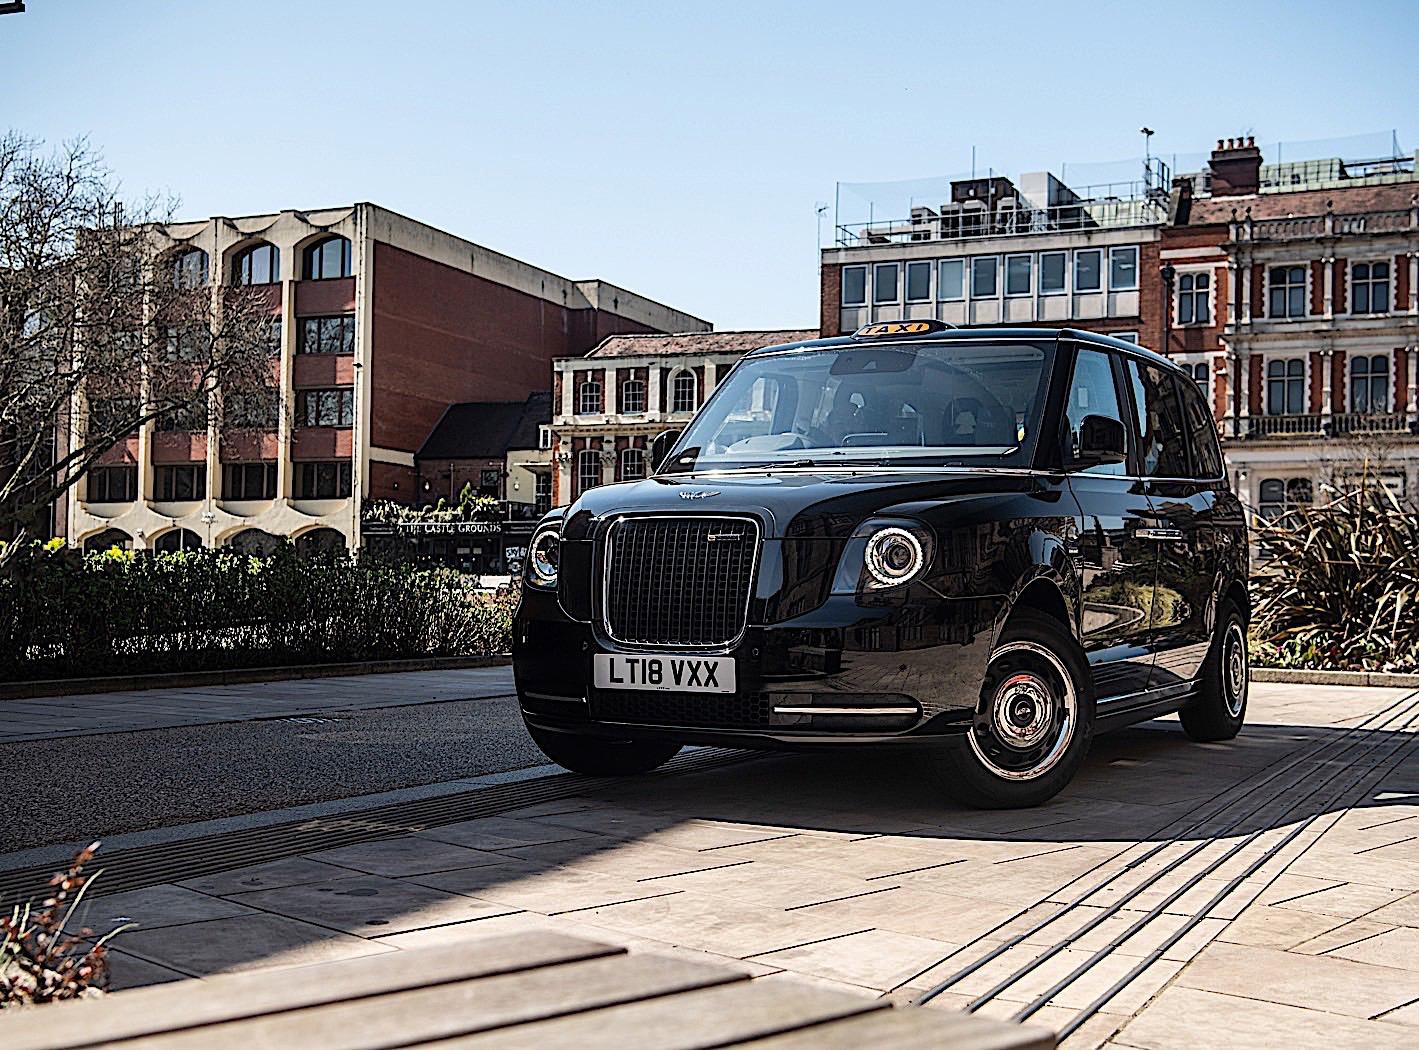 伦敦黑色电动出租车在苏格兰上市 扩大欧洲市场